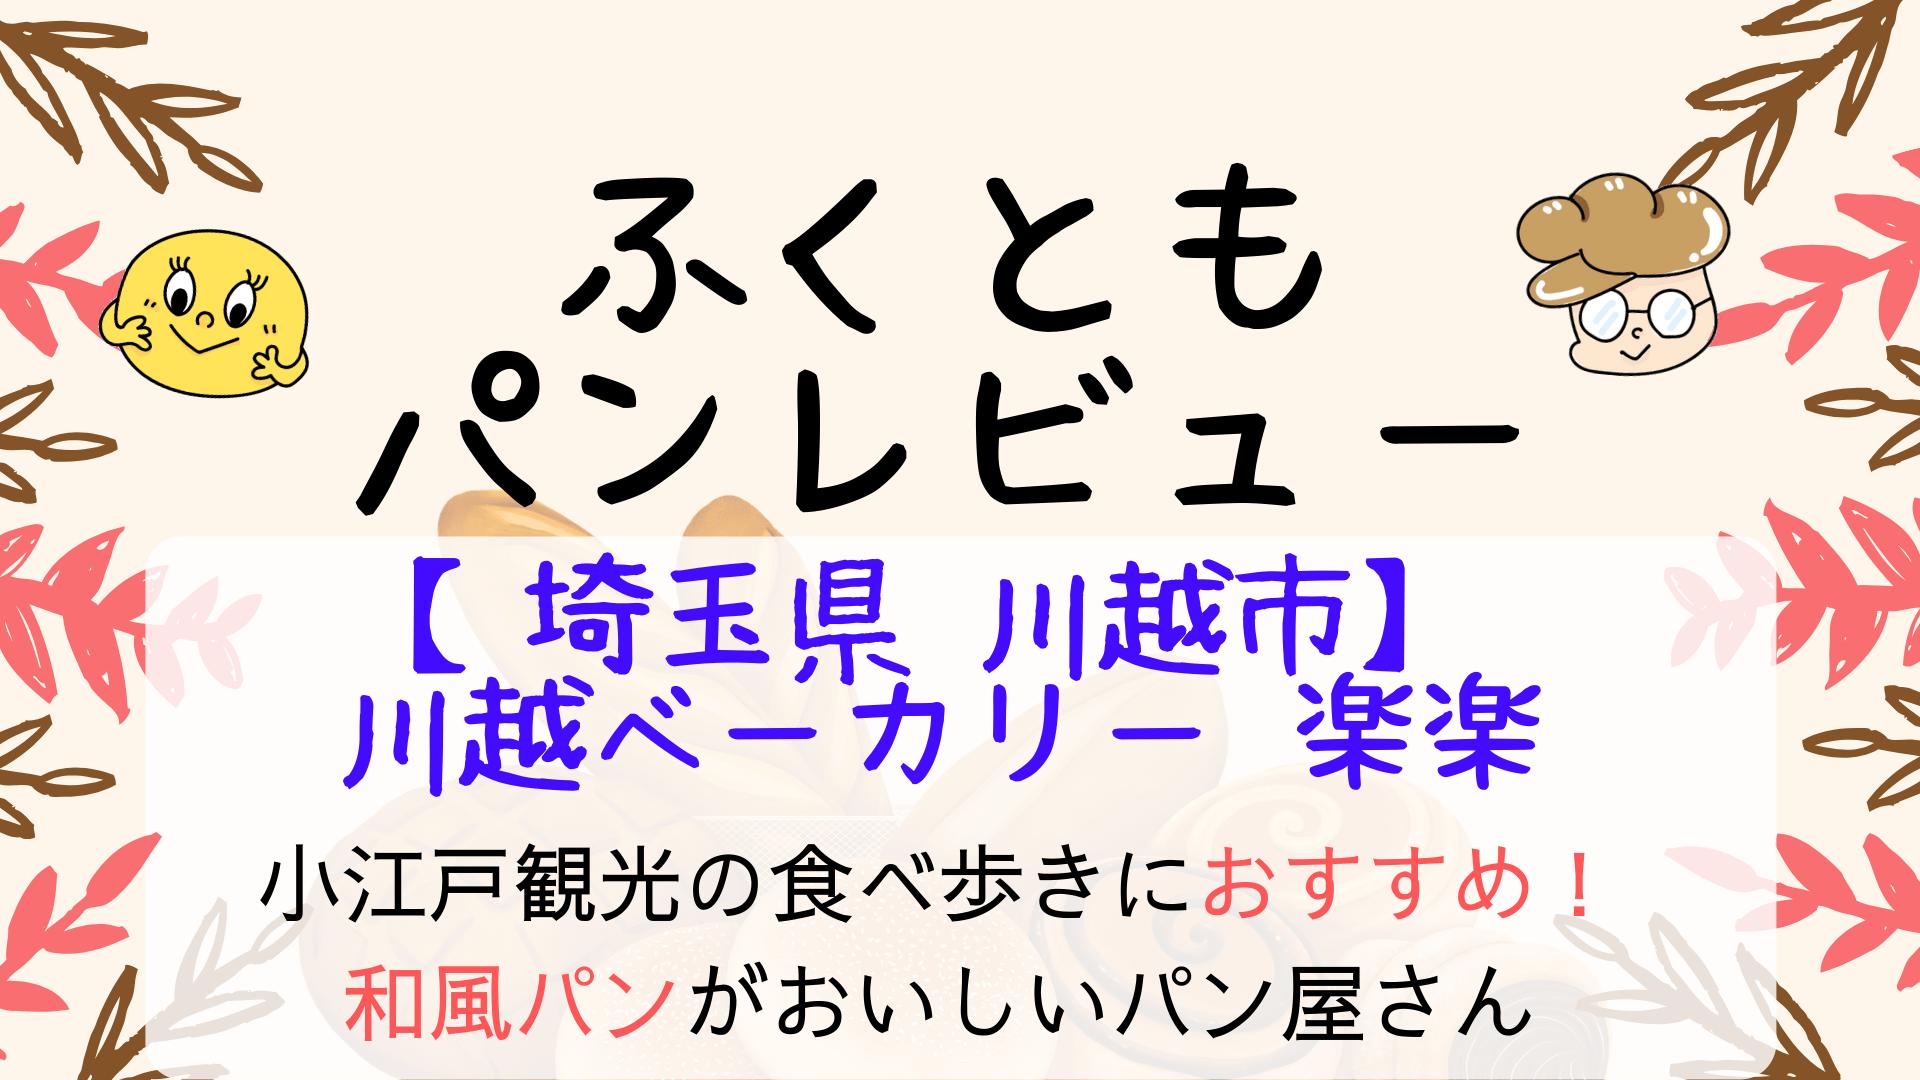 川越ベーカリー楽楽を紹介